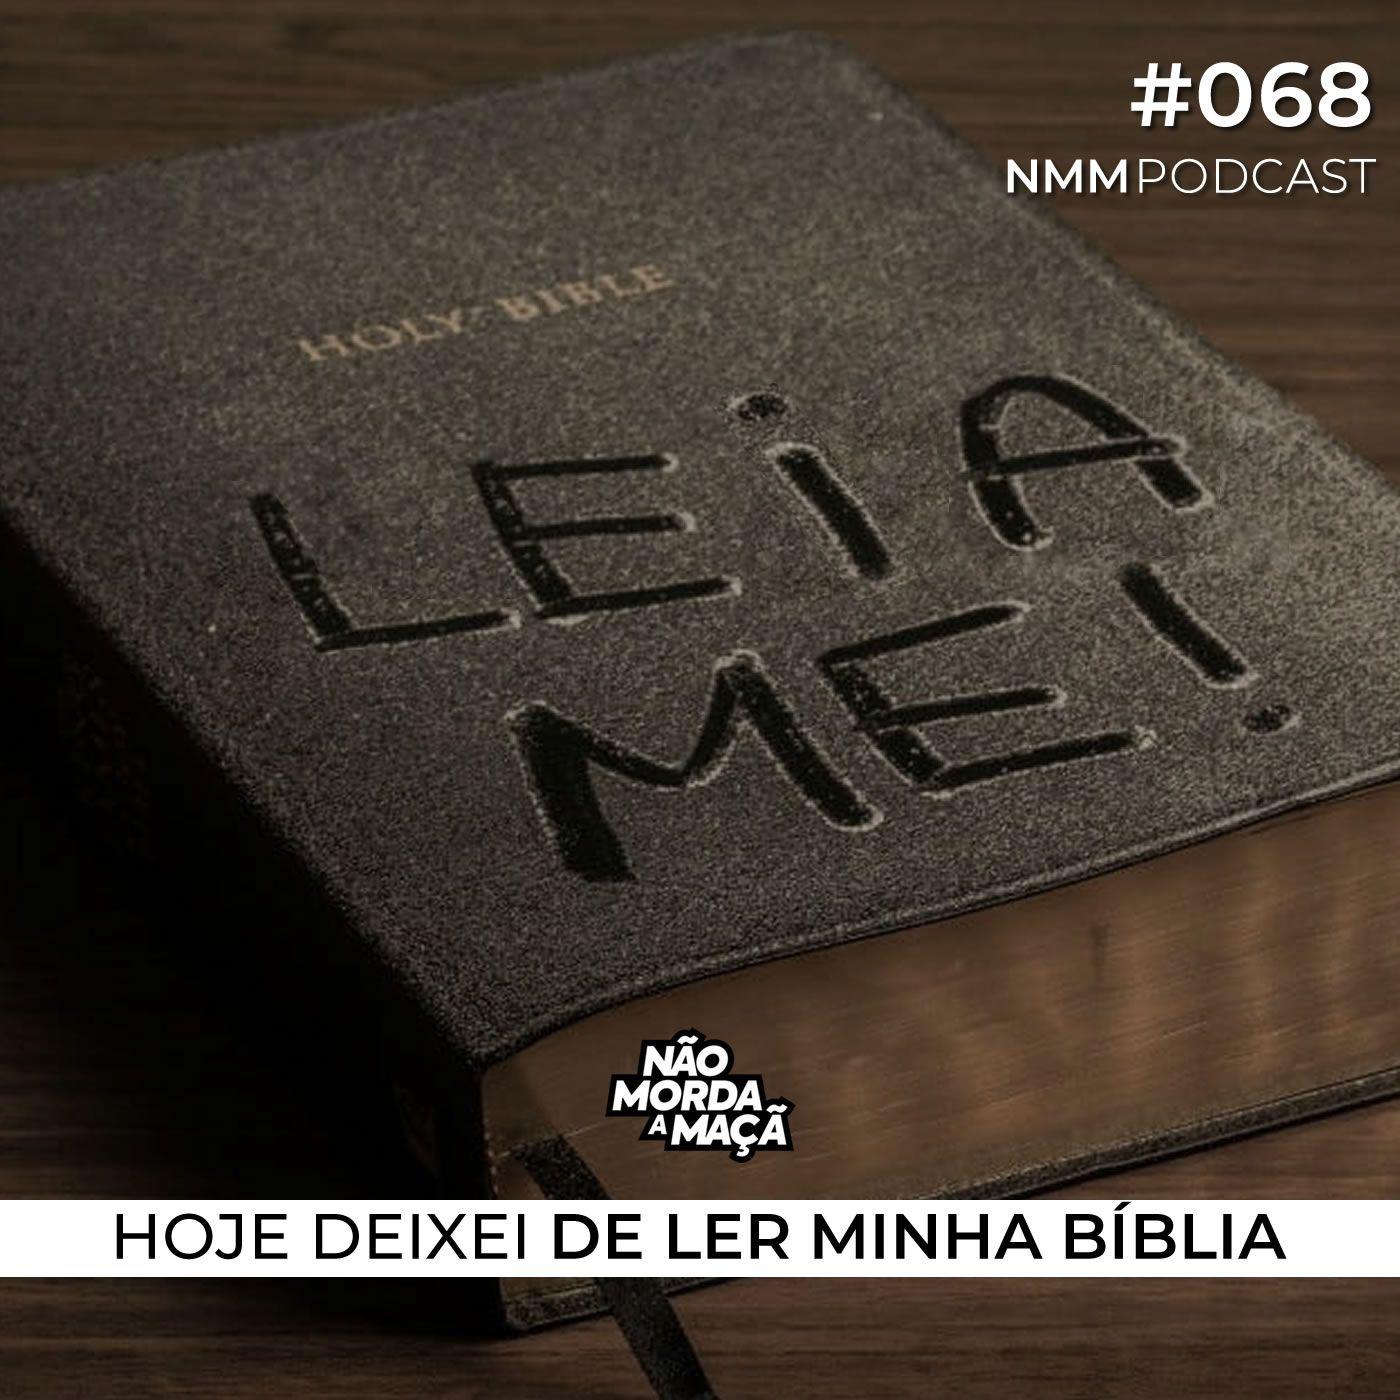 #68 - Hoje deixei de ler minha bíblia